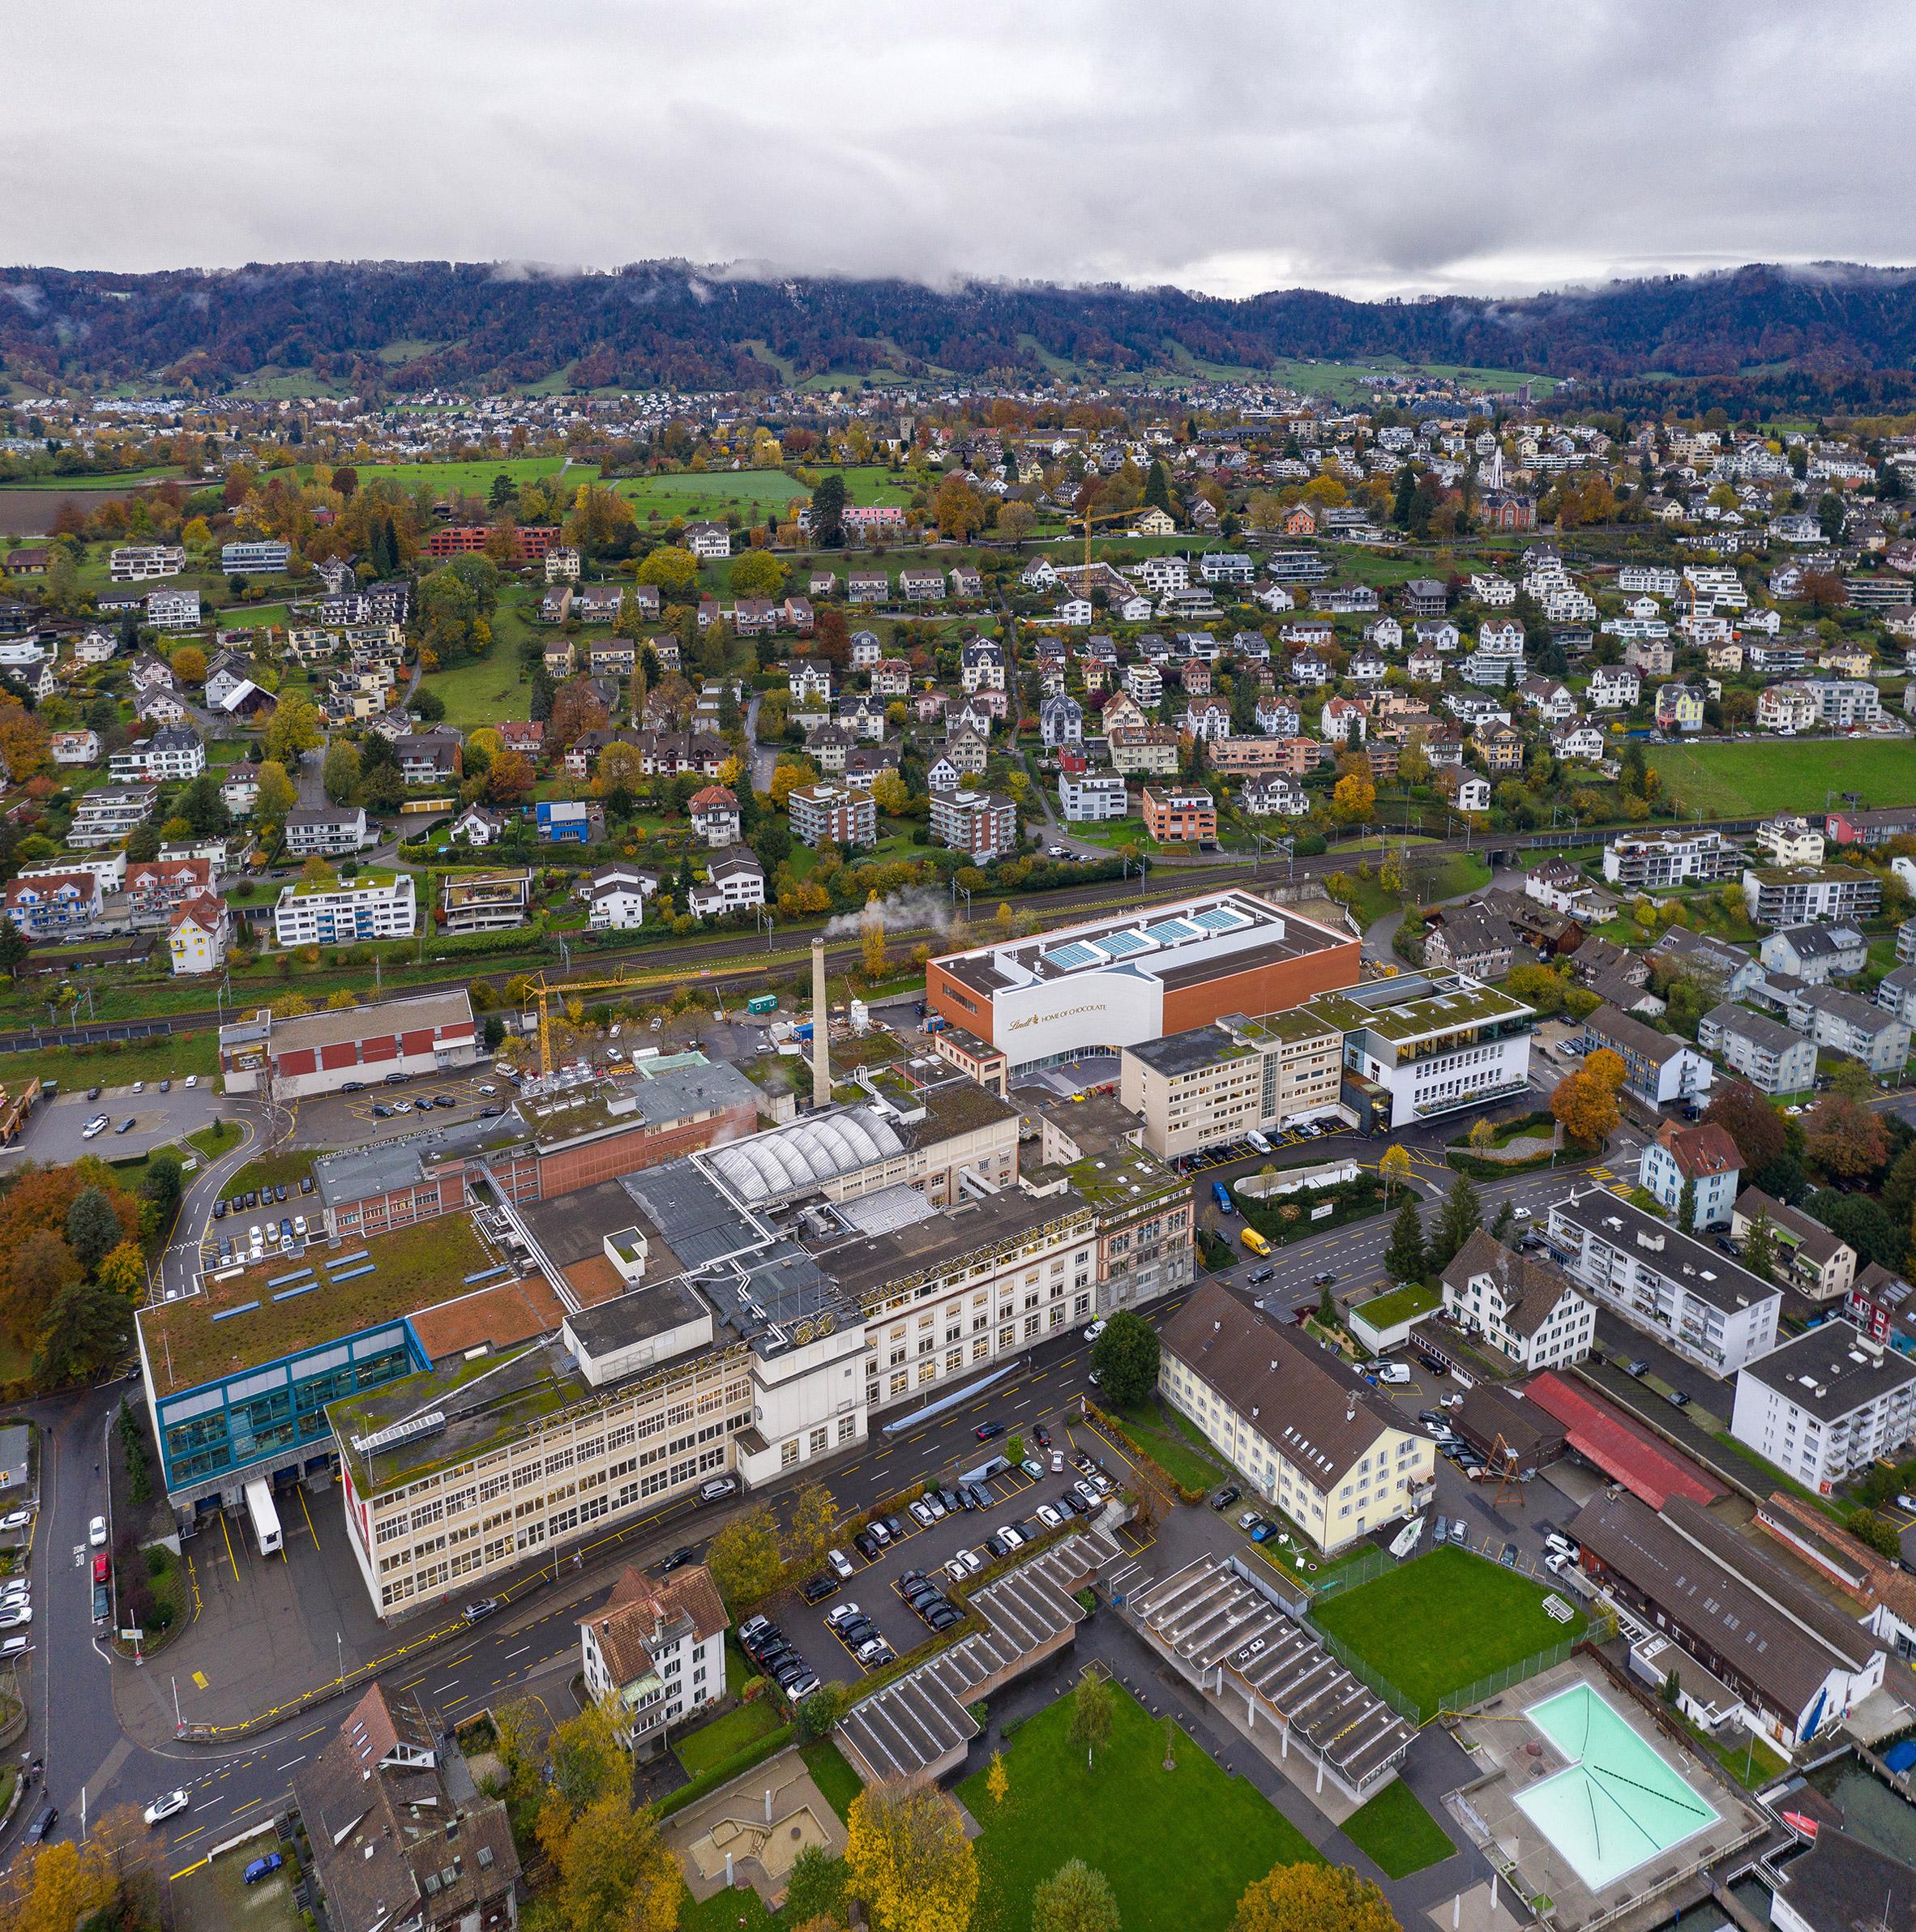 Lindt Home of Chocolate by Christ & Gantenbein in Kilchberg on Lake Zurich